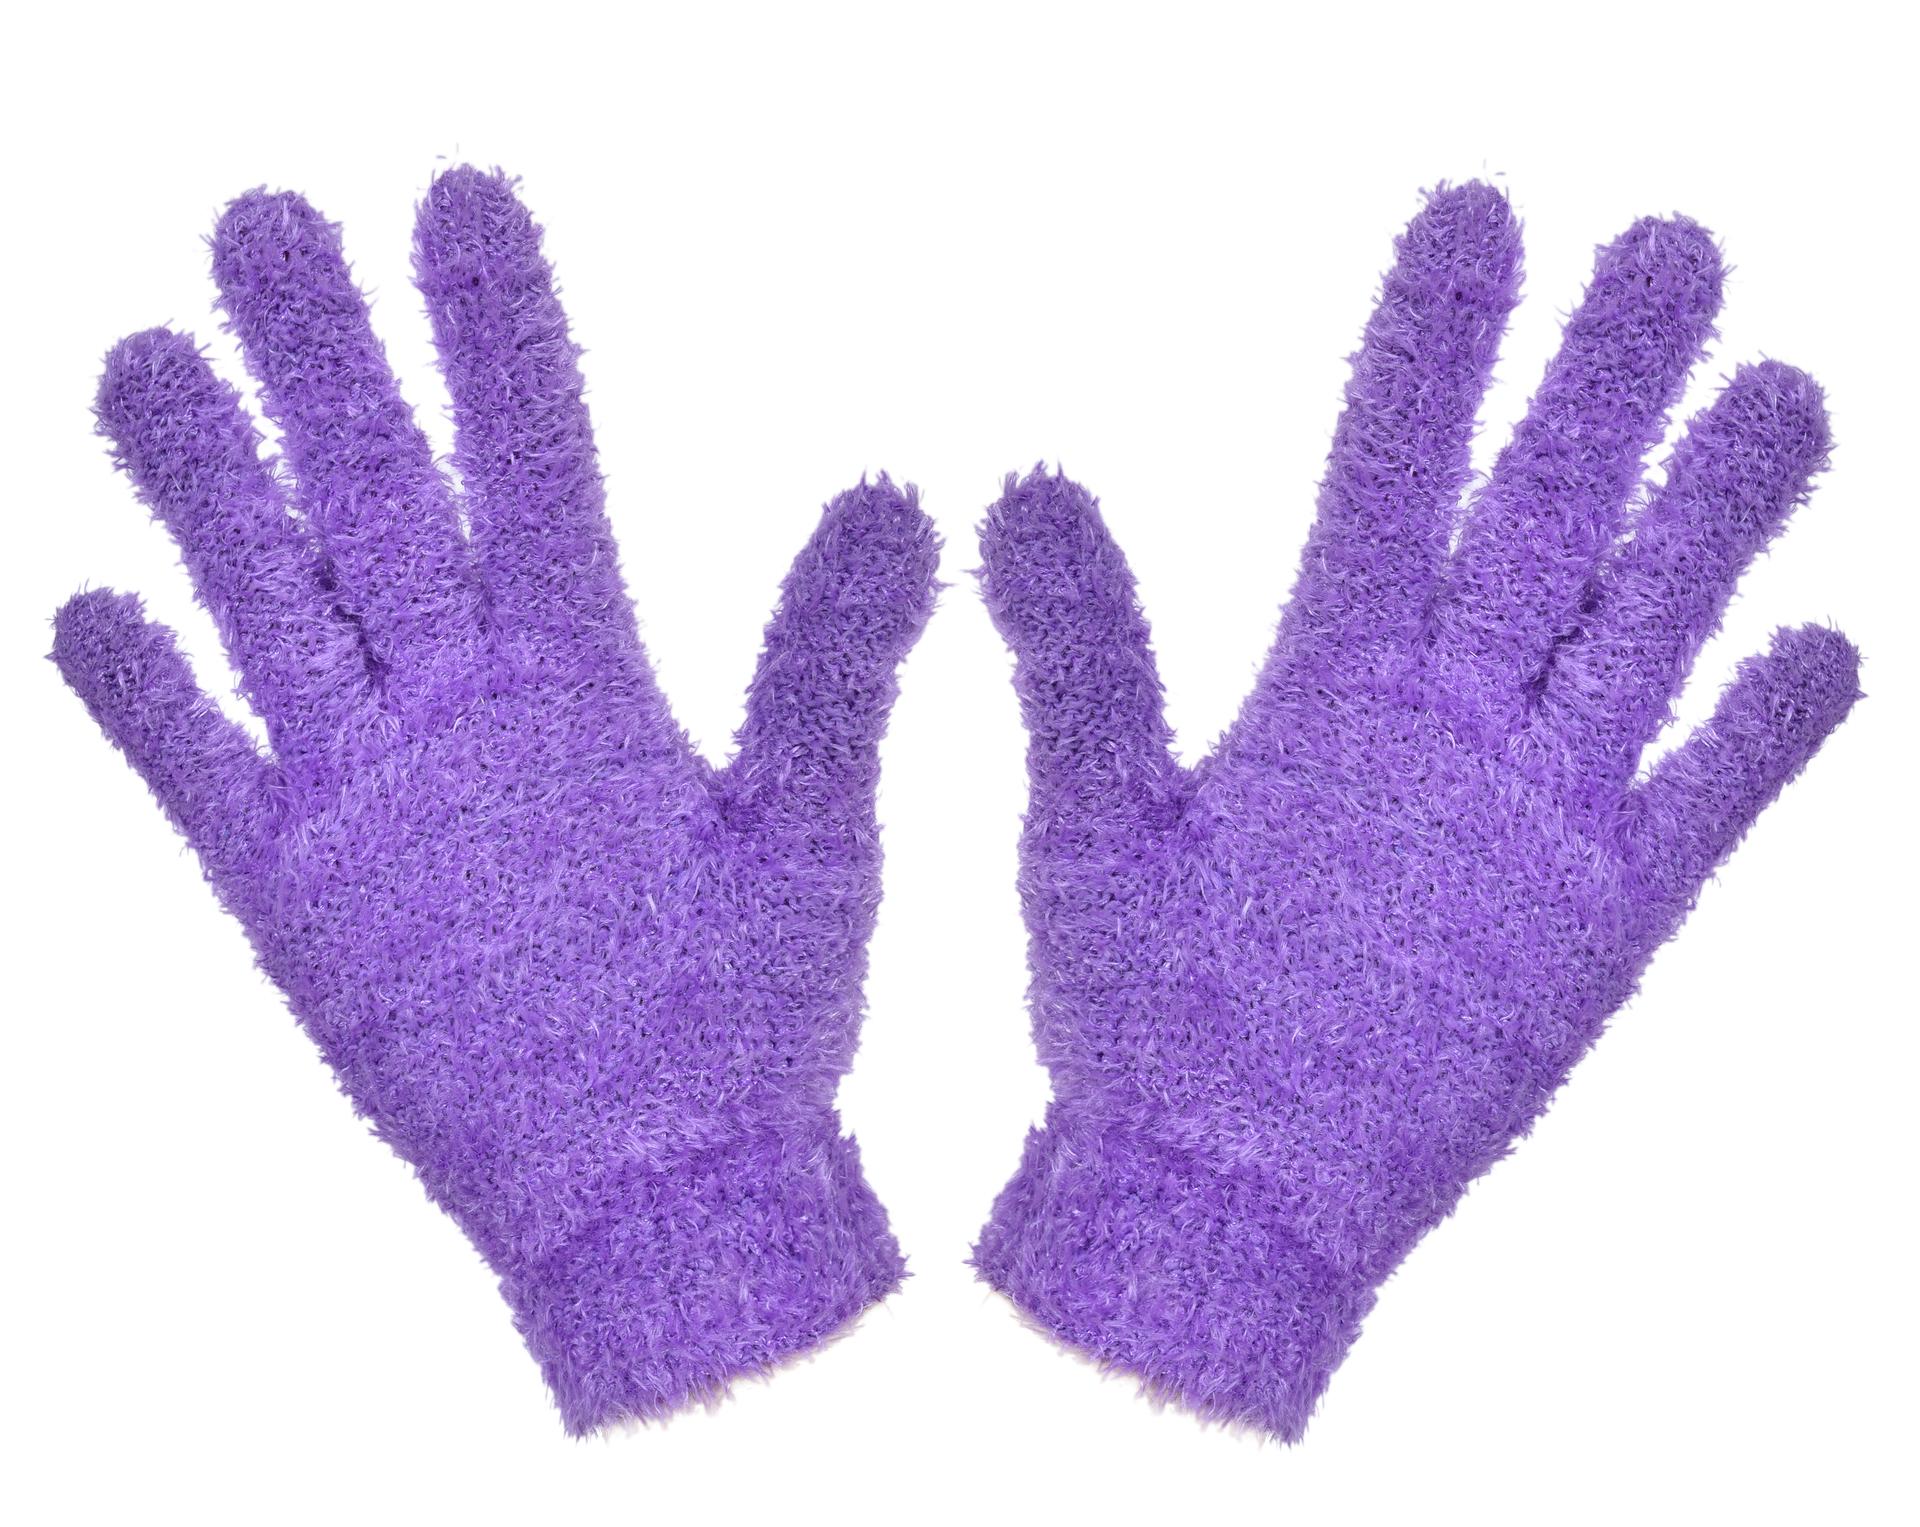 Žinylkové rukavice, hřejivé, fialové